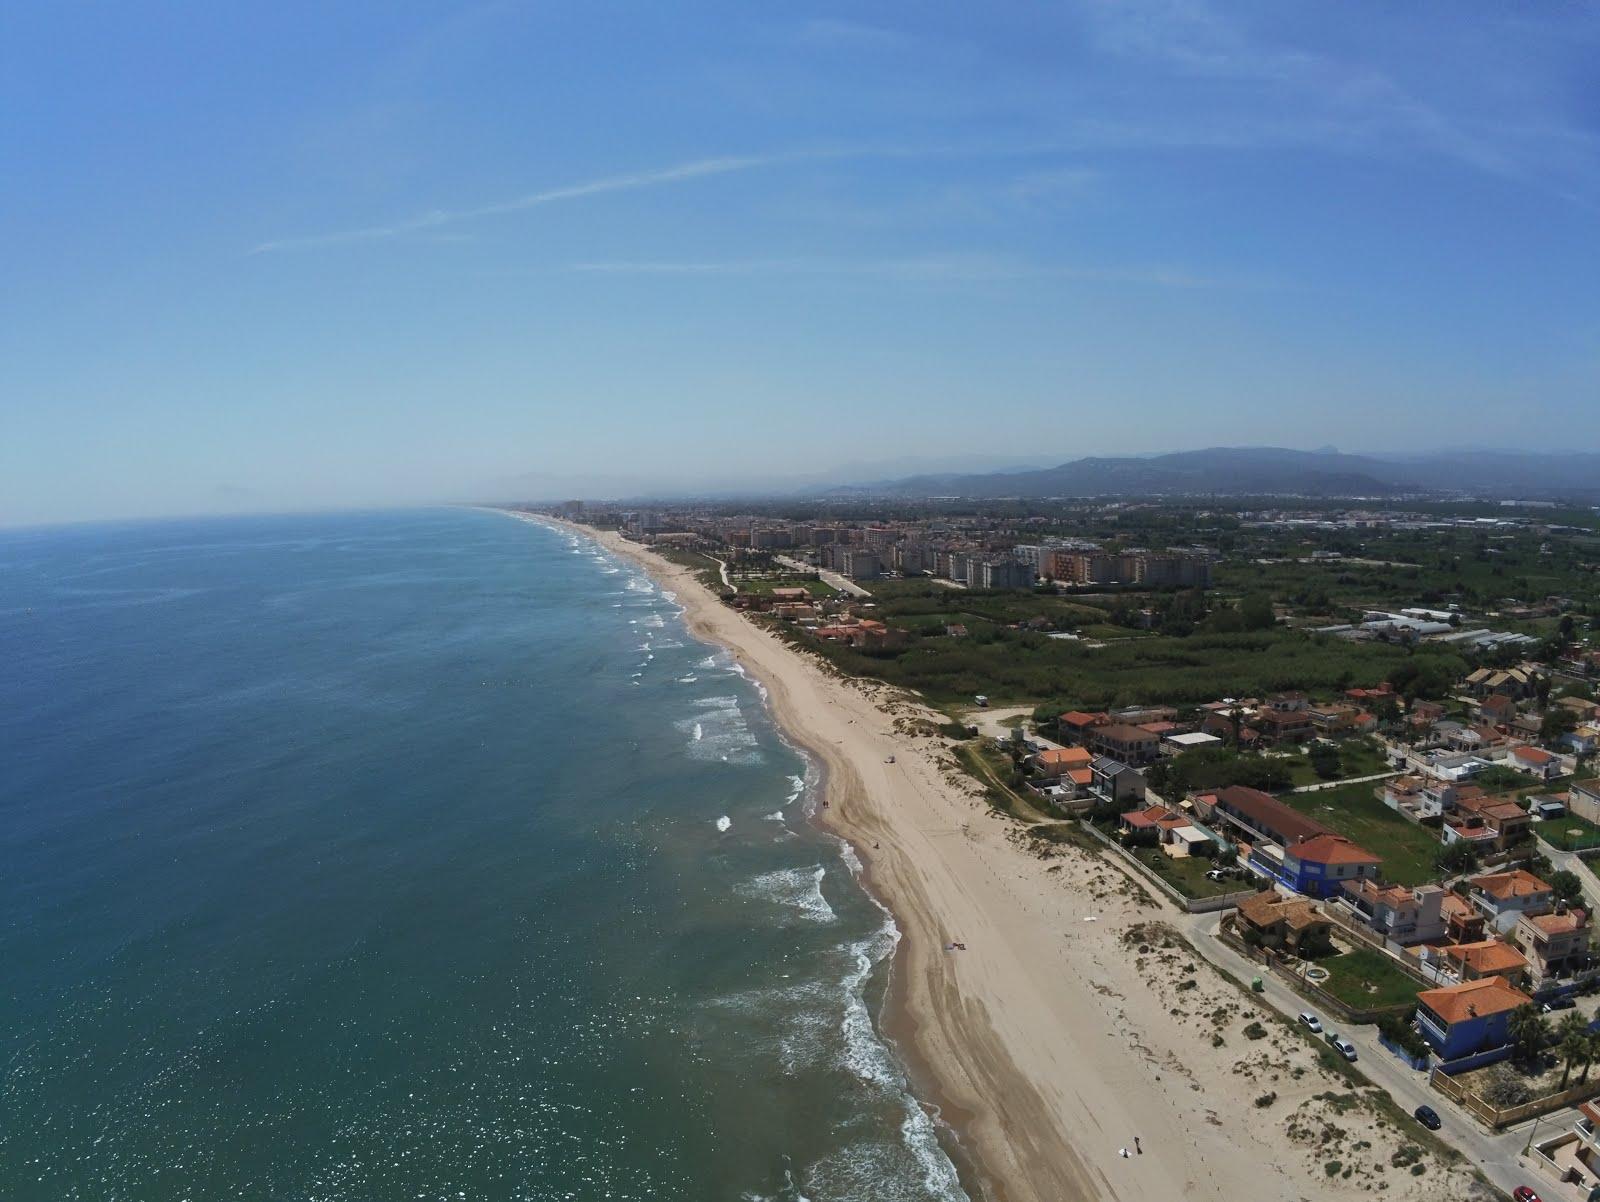 La Borrasca Gloria en la playa de Gandía (Valencia), a vista de drone